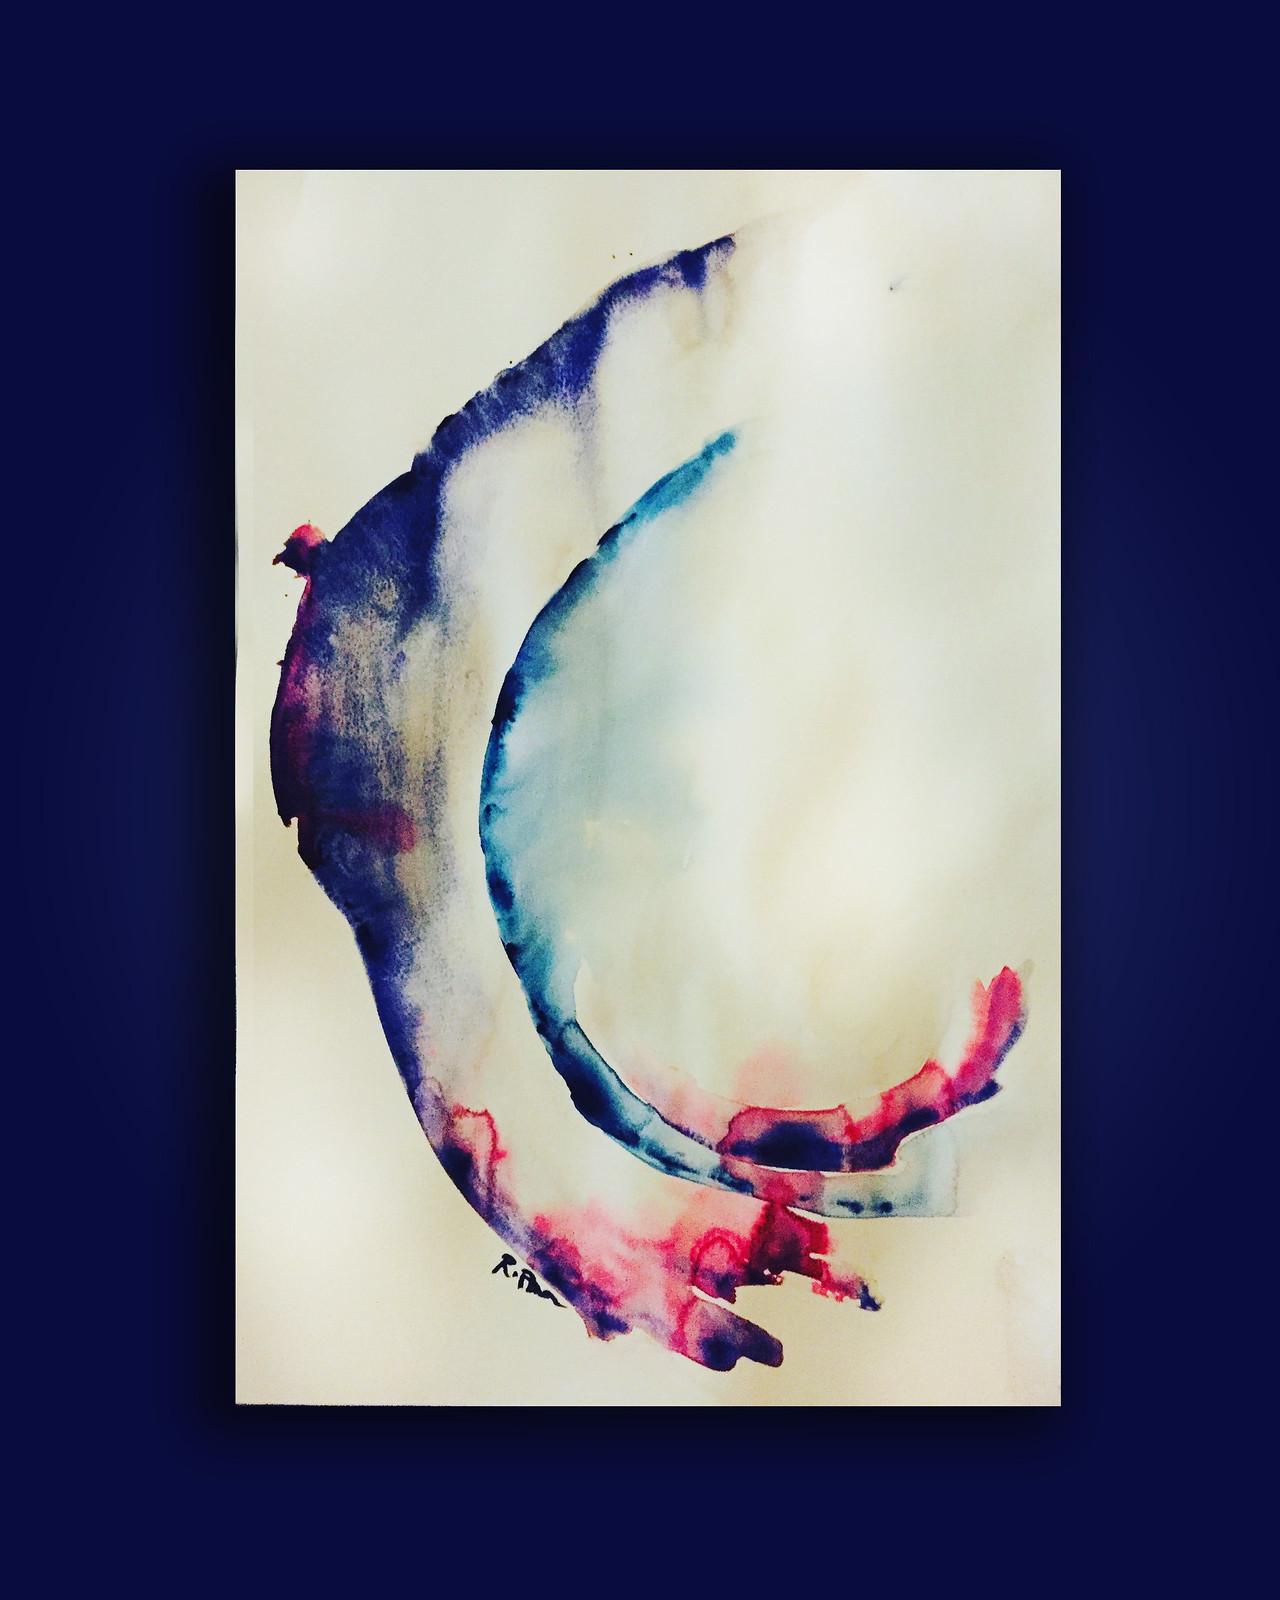 Rebecca Pons, BECCA PONS + CREATIVE, watercolor, fine art, colorful ora1